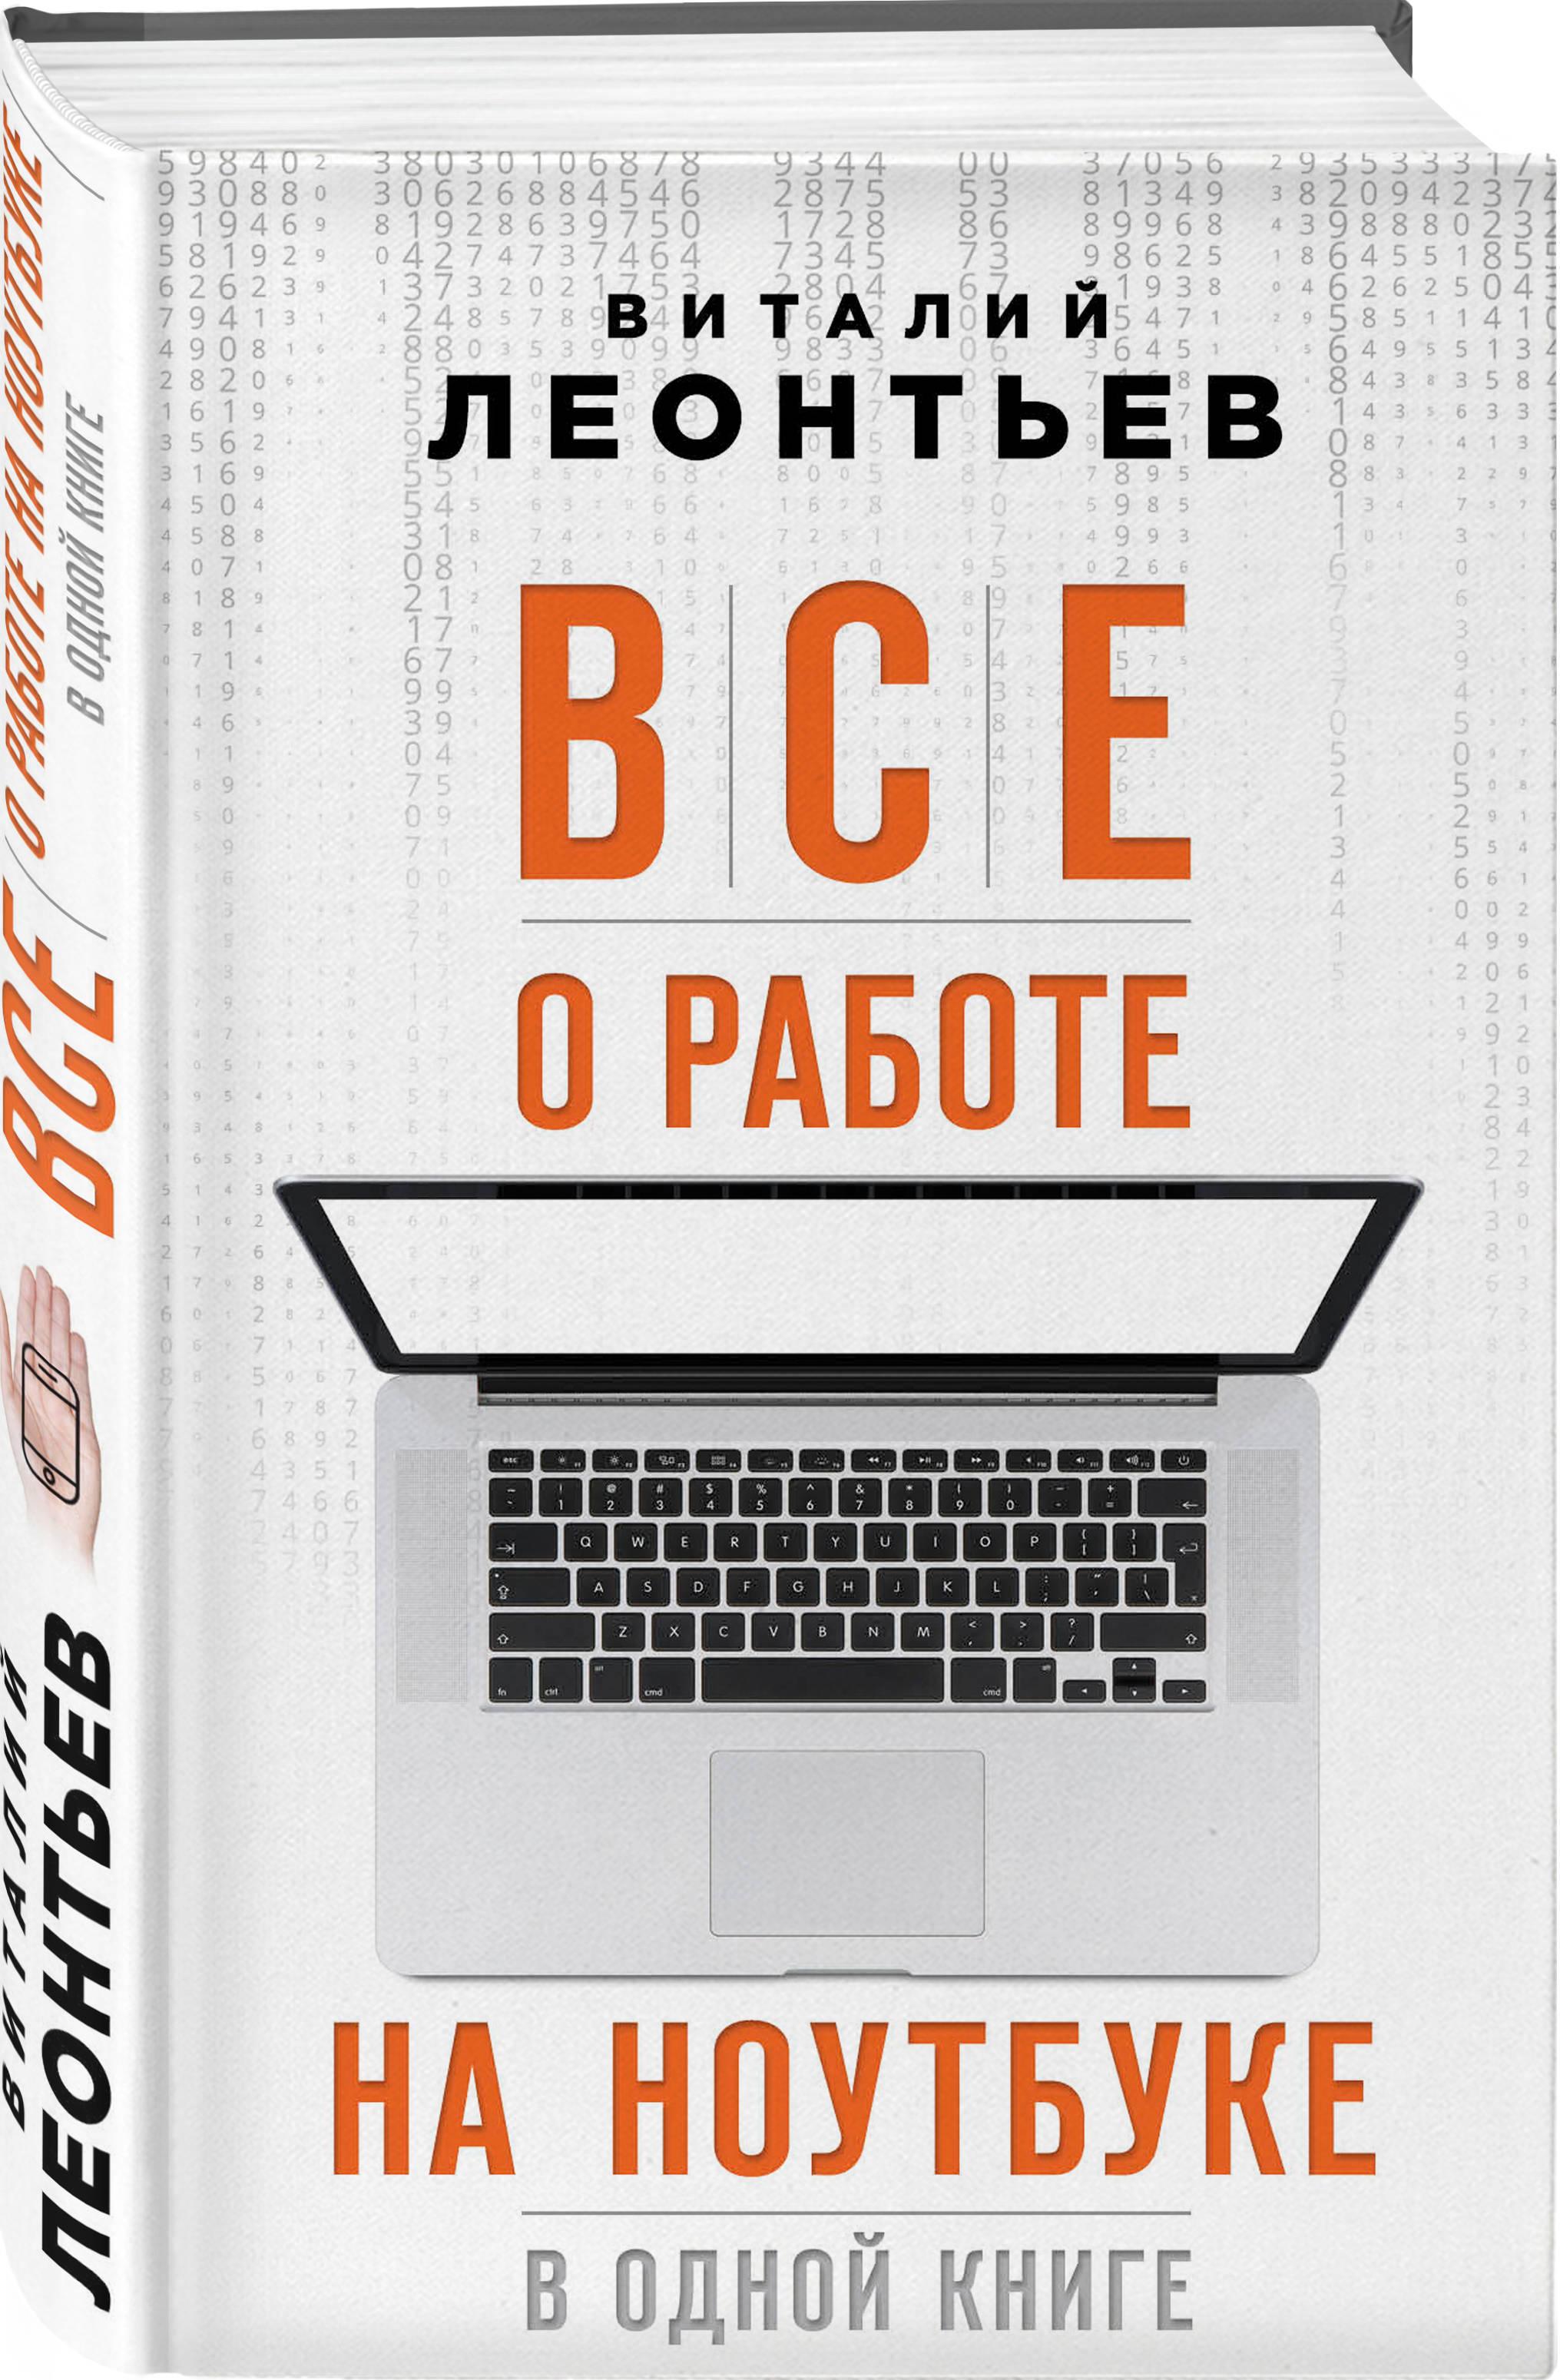 Виталий Леонтьев Все о работе на ноутбуке в одной книге виктор гольцман работа на ноутбуке начали